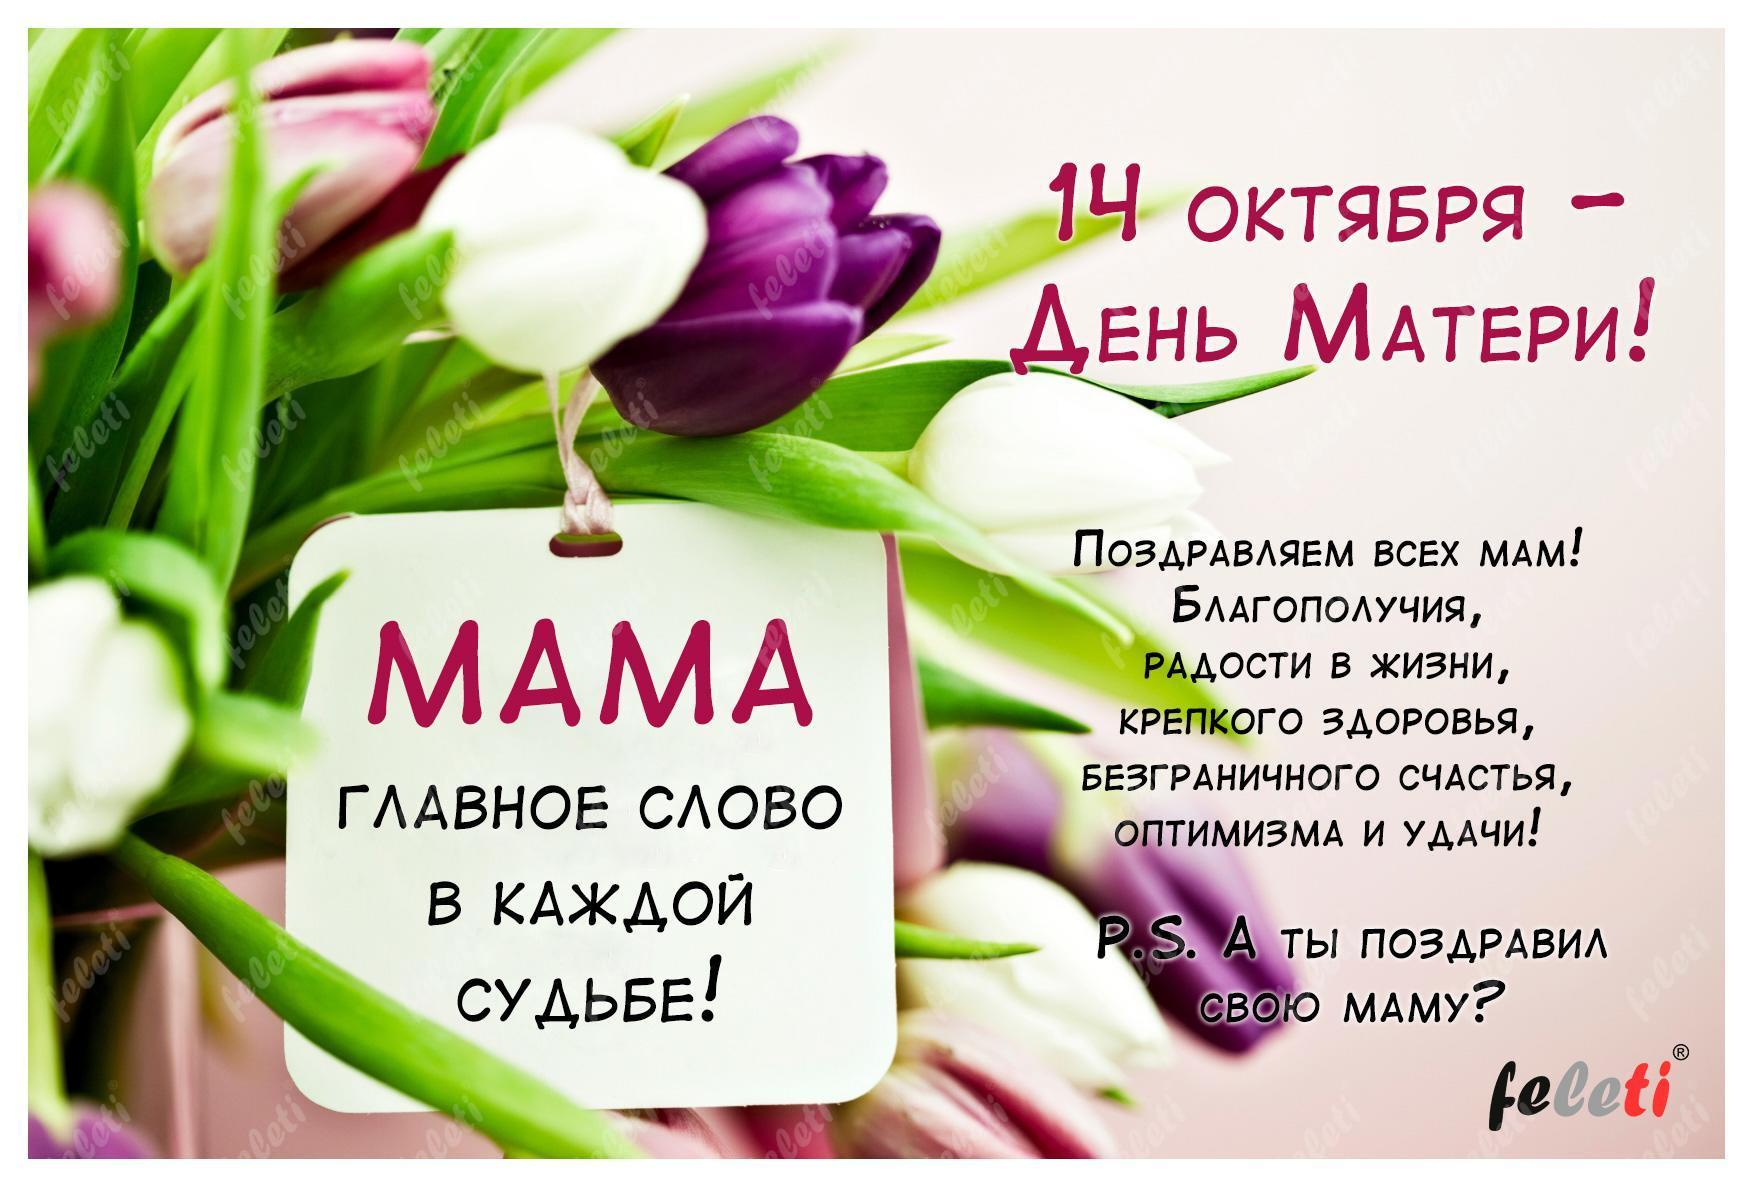 Компания FELETI от всего сердца поздравляет всех МАМ с Днём матери